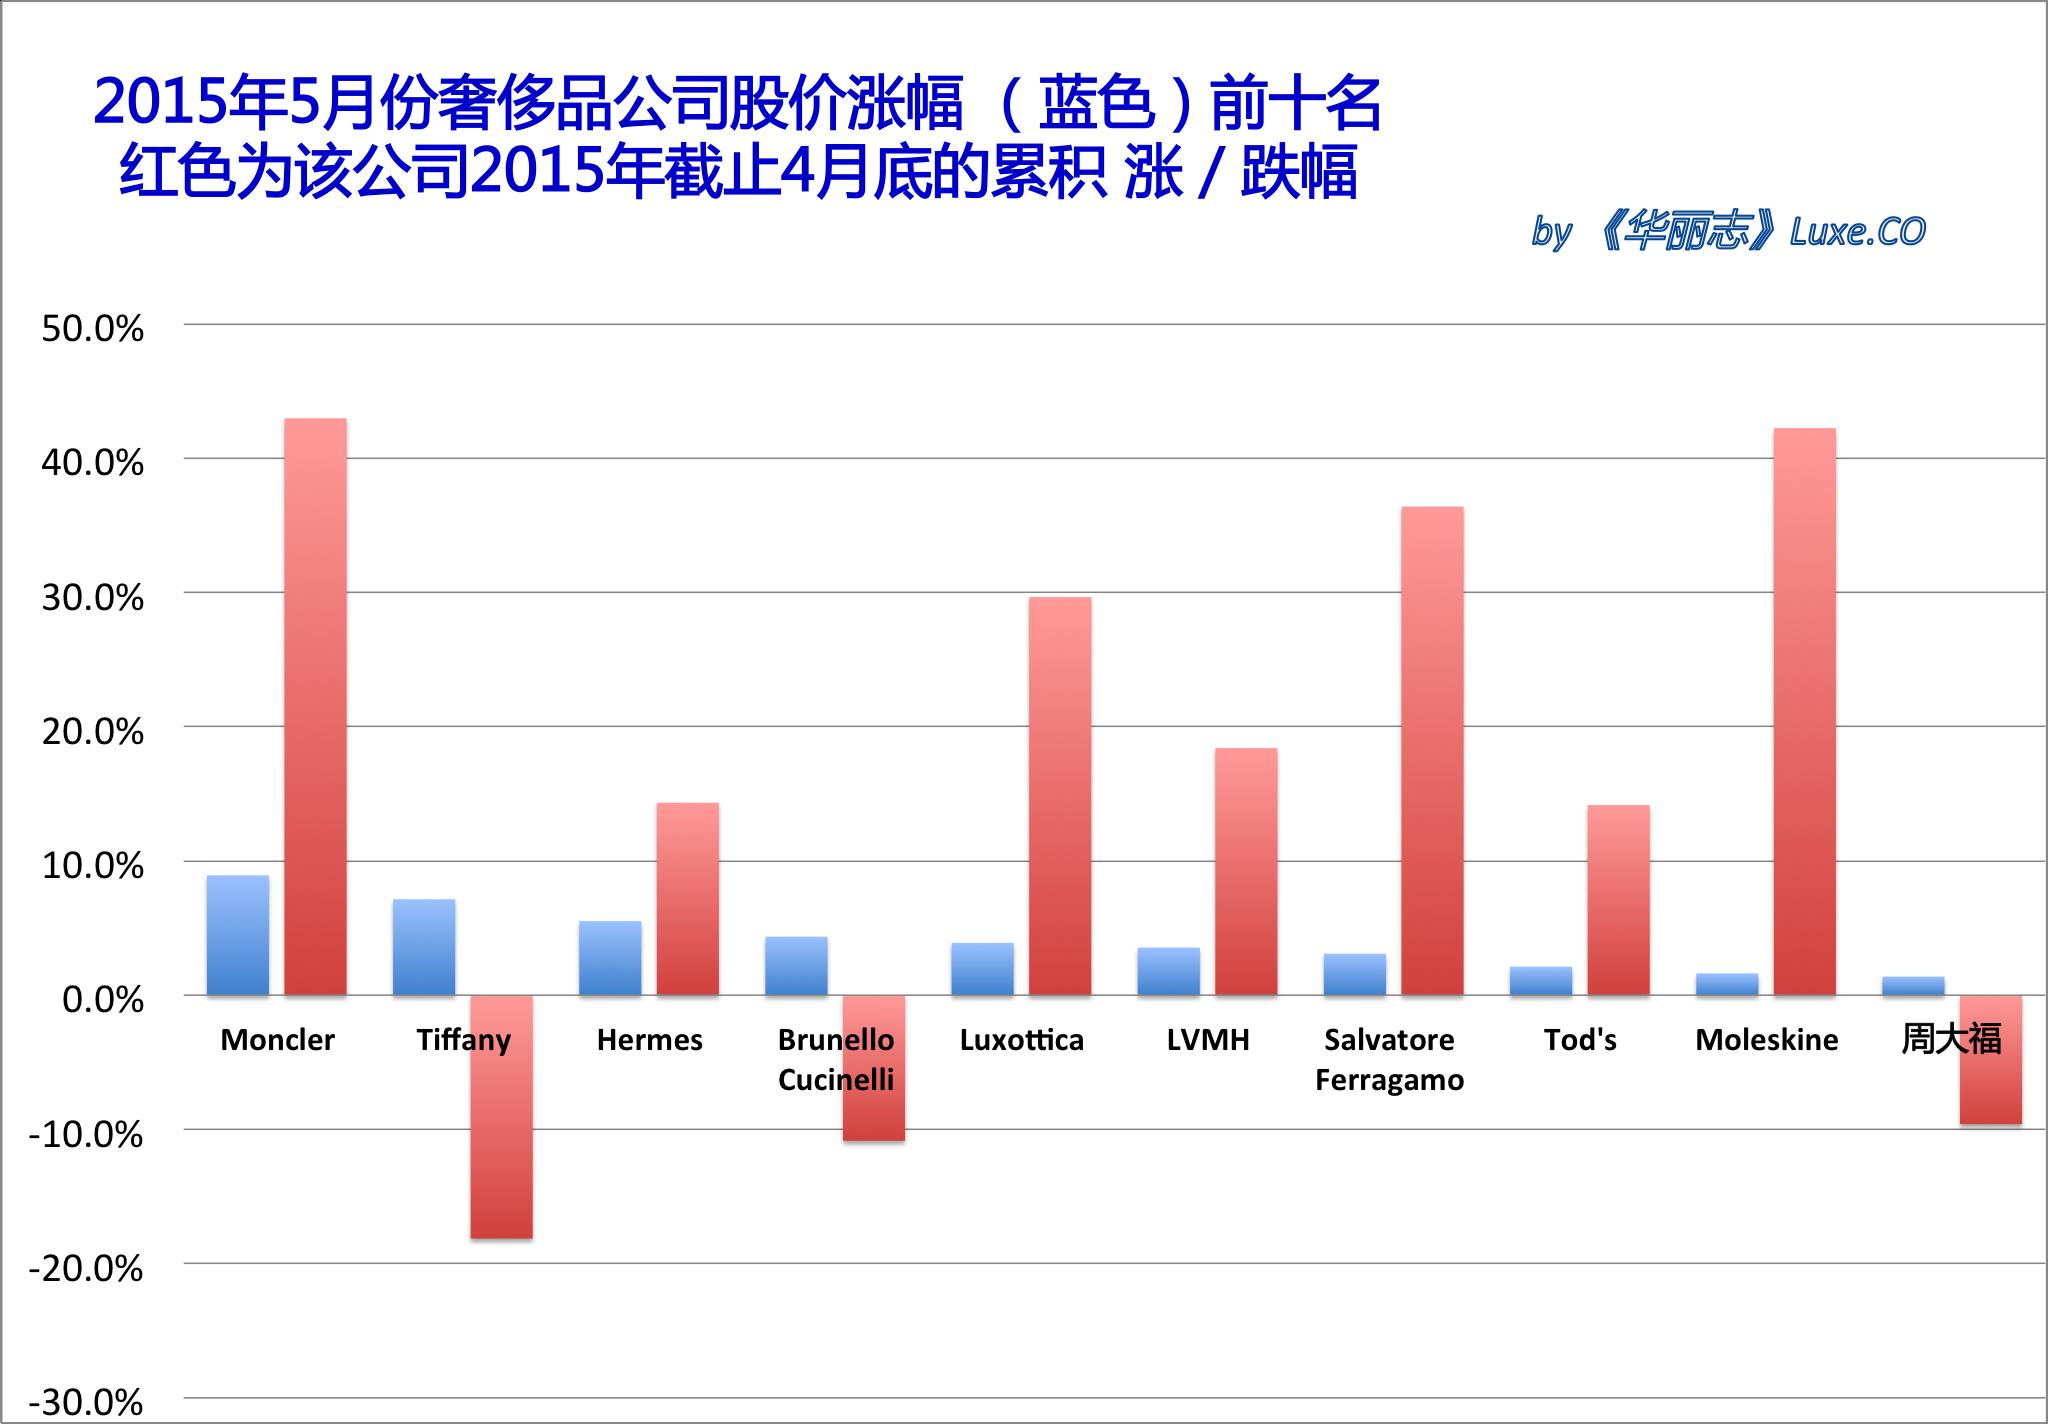 《华丽志》奢侈品股票月度排行榜 (2015年5月)